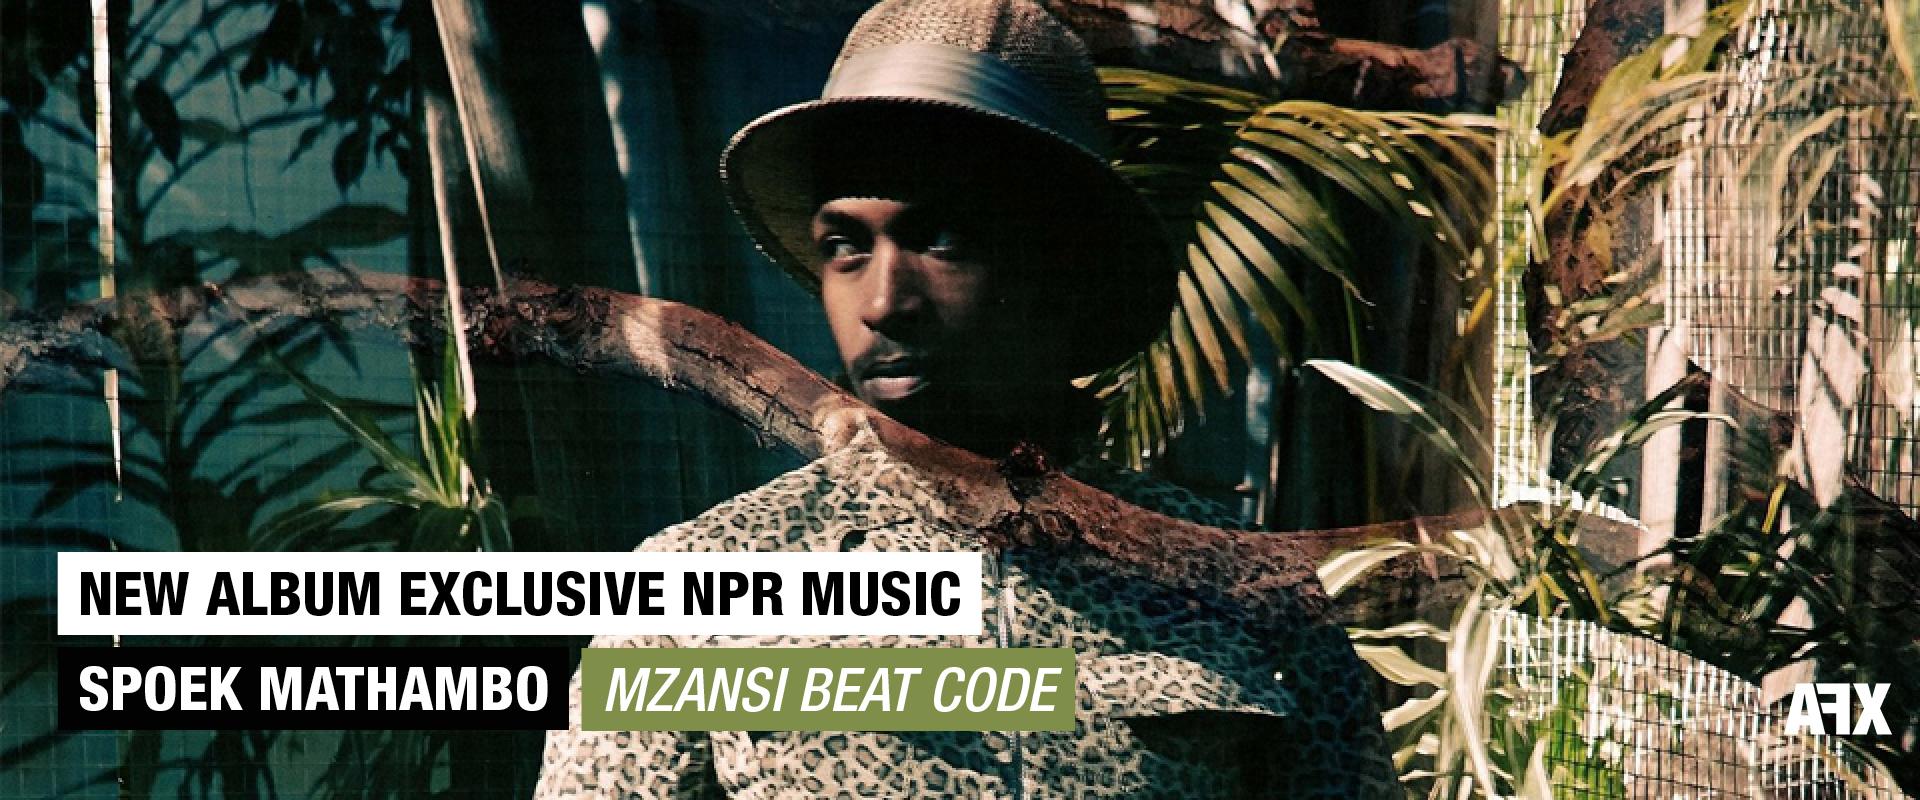 SPOEK MATHAMBO : NOUVEL ALBUM EN EXLCUSIVITÉ SUR NPR MUSIC